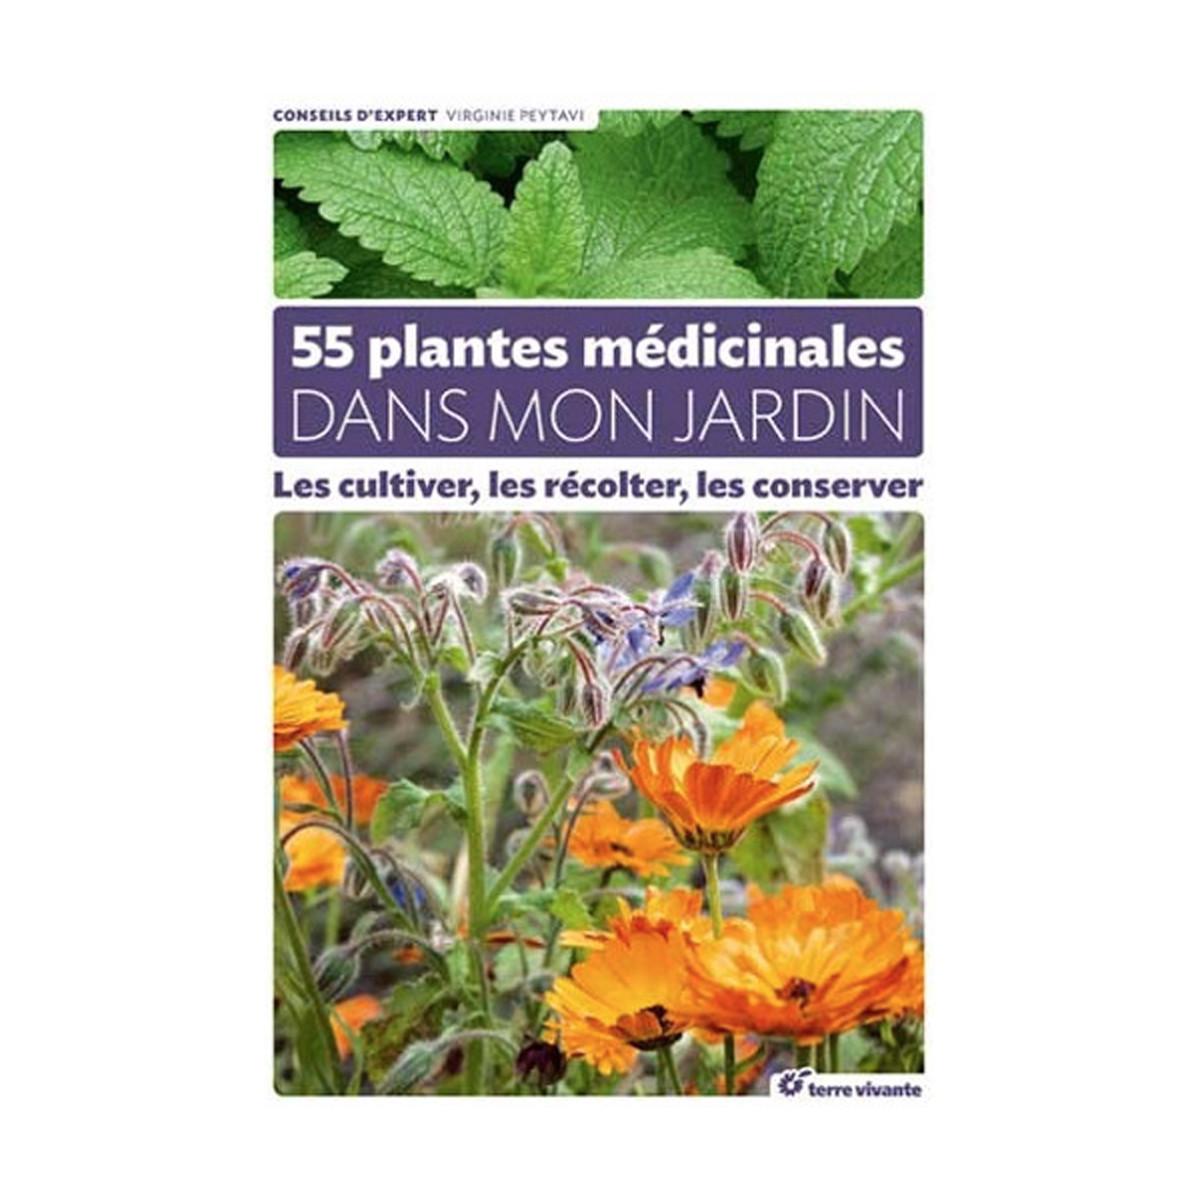 55 plantes médicinales dans...